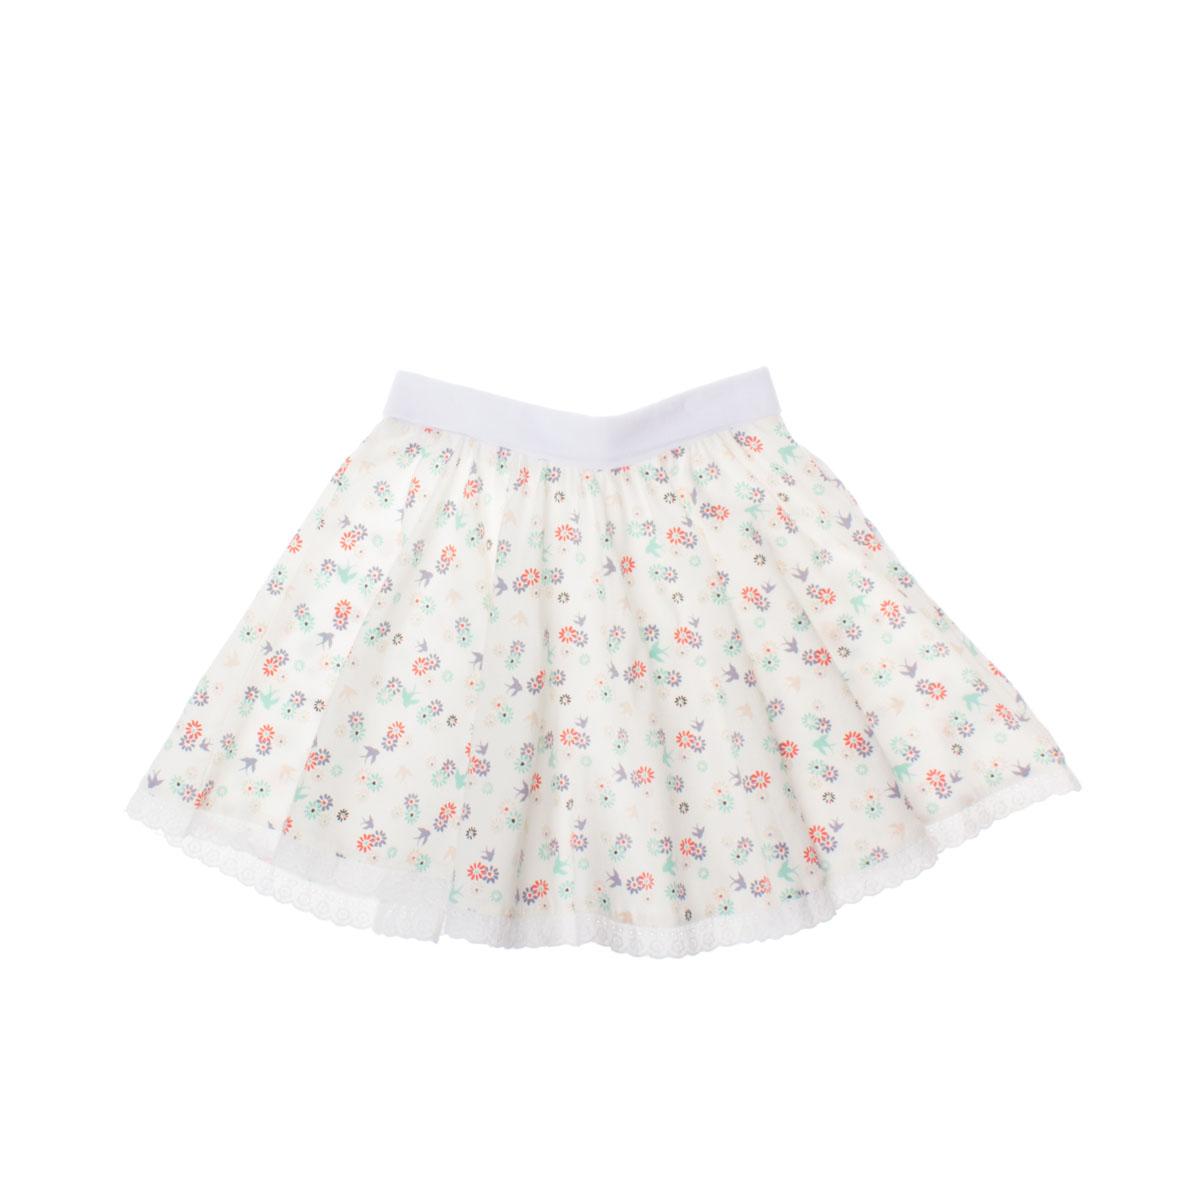 Юбка для девочки. 262021262021Модная трикотажная юбка для девочки PlayToday станет отличным дополнением к детскому гардеробу. Изготовленная из эластичного хлопка, она необычайно мягкая и приятная на ощупь, не сковывает движения и позволяет коже дышать, не раздражает нежную кожу ребенка, обеспечивая ему наибольший комфорт. Юбочка-солнце на талии имеет широкую эластичную резинку с отворотом. Отвернув его, можно увеличить длину юбки. Модель оформлена нежным цветочным принтом. Низ изделия декорирован кружевной оборкой. В такой юбочке ваша маленькая принцесса будет чувствовать себя комфортно, уютно и всегда будет в центре внимания!